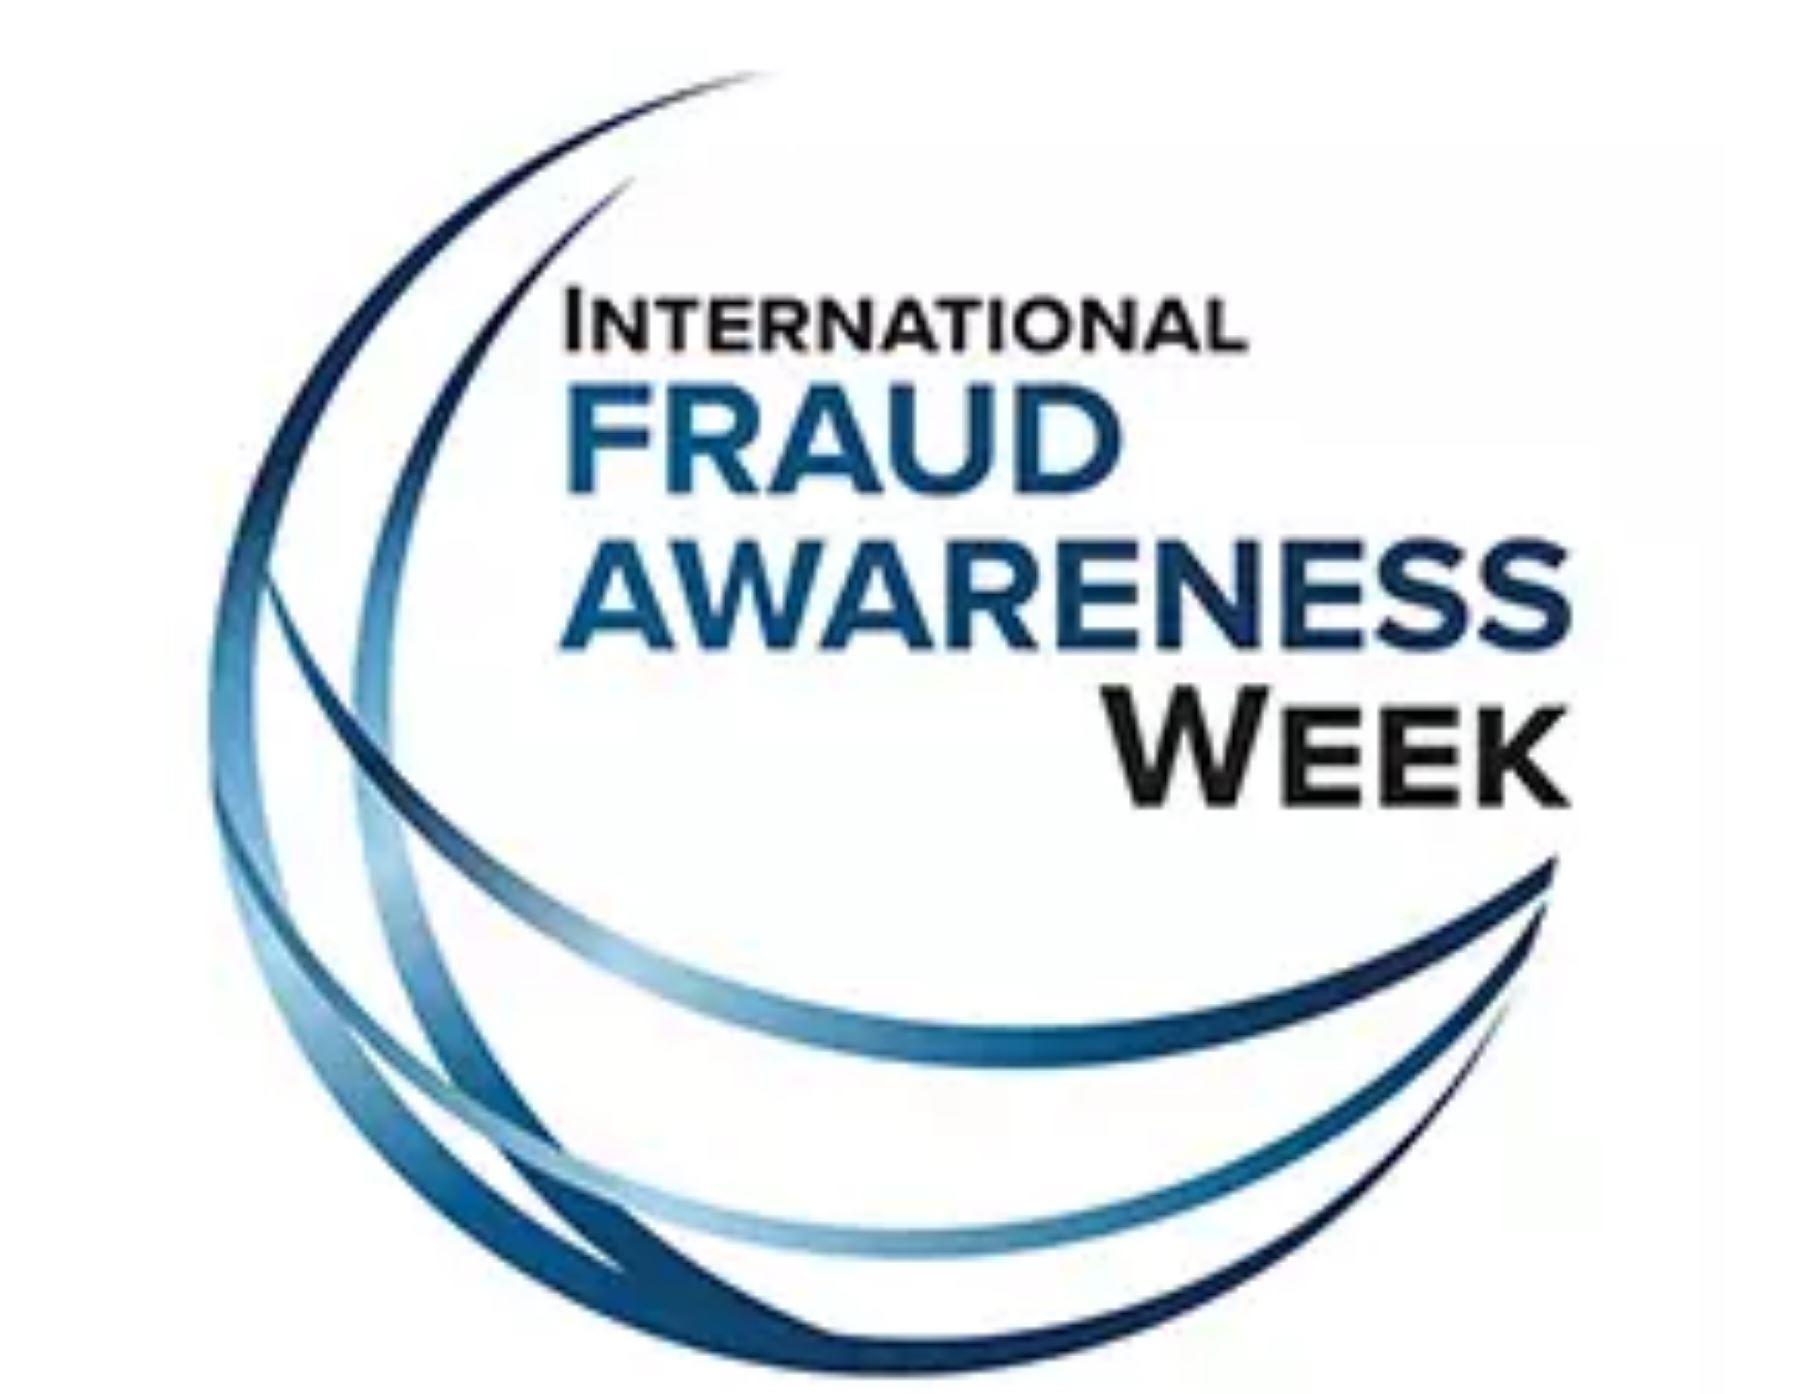 Fraud awareness week logo